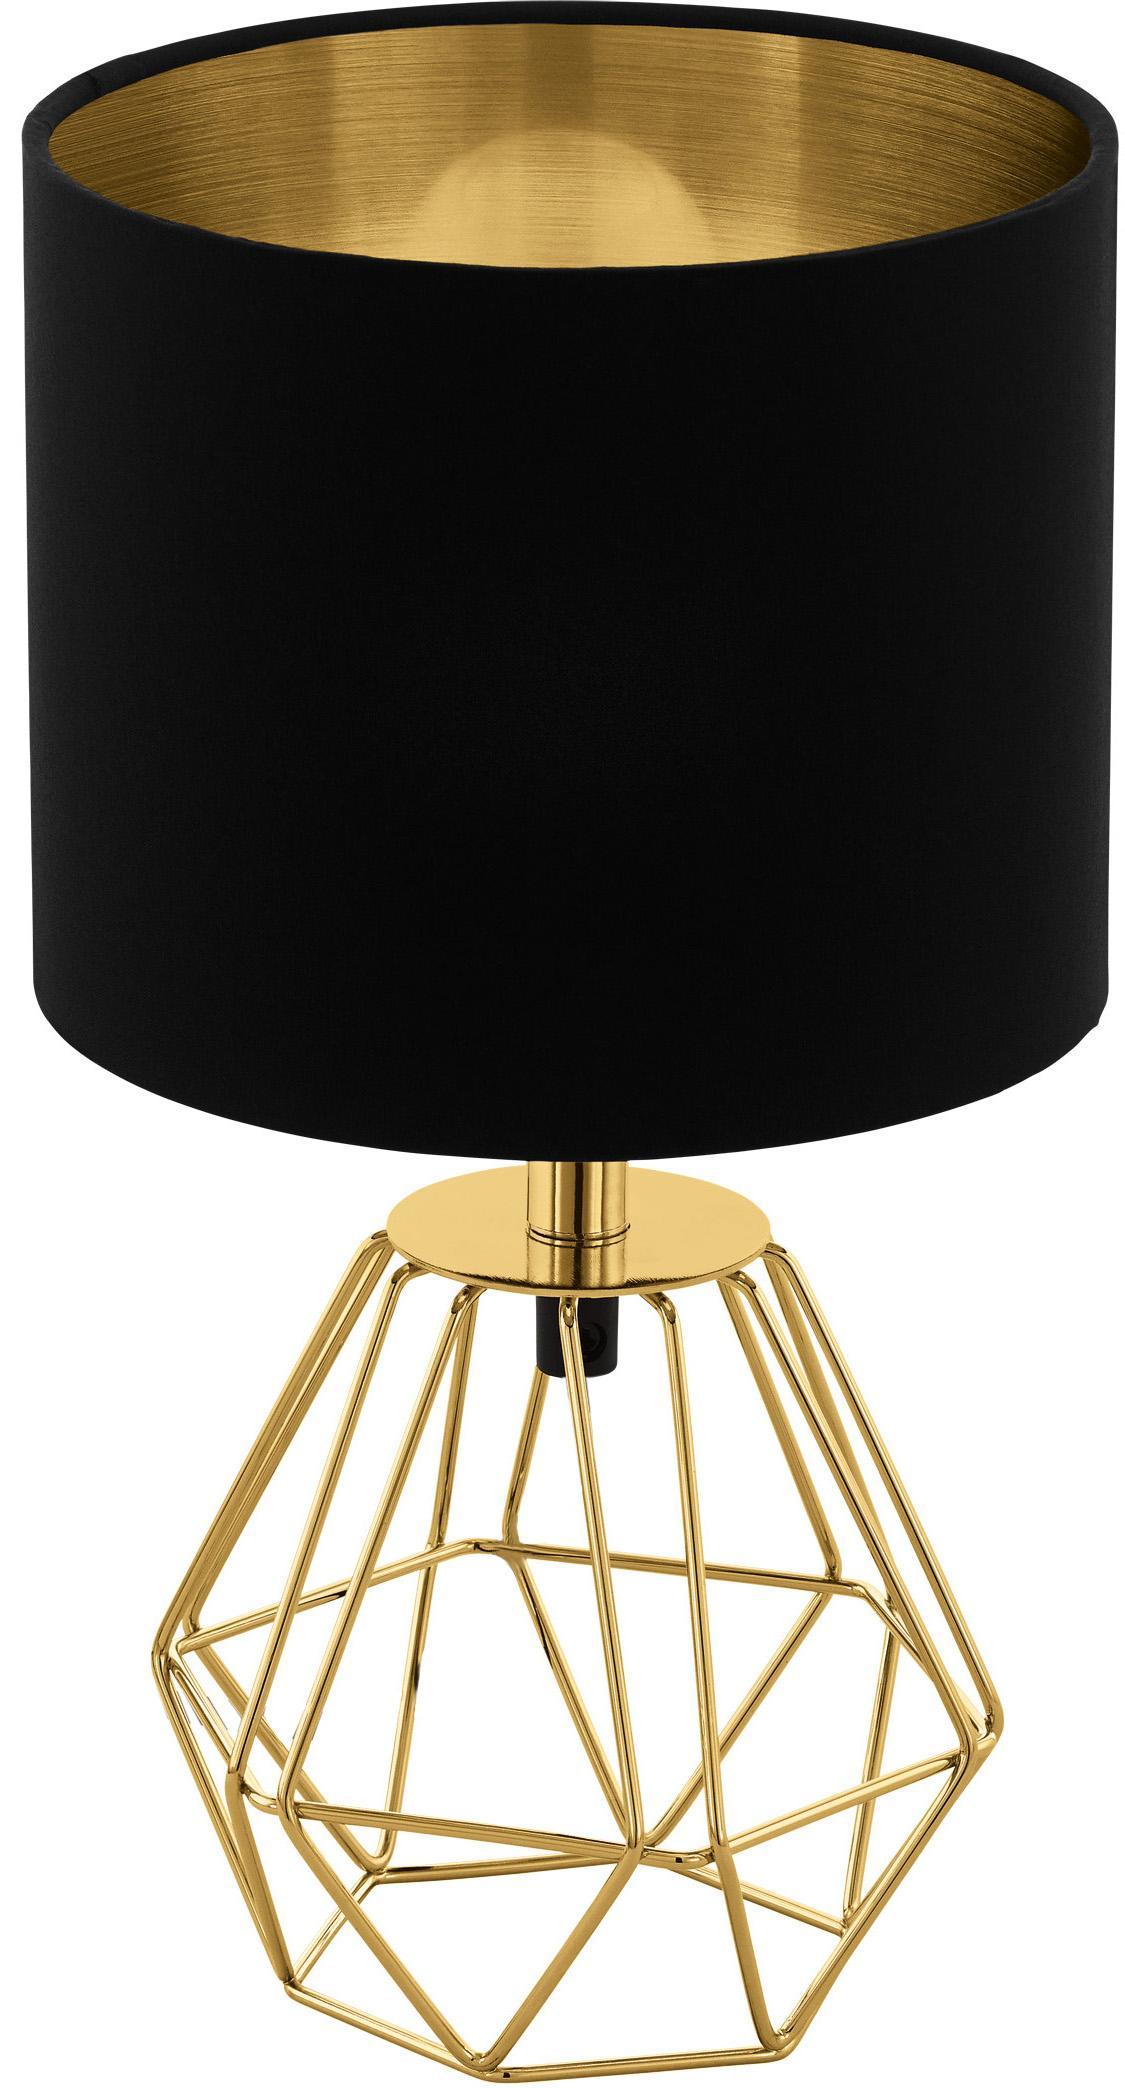 Tischlampe Phil in Schwarz-Gold, Schwarz, Gold, Ø 17 x H 31 cm